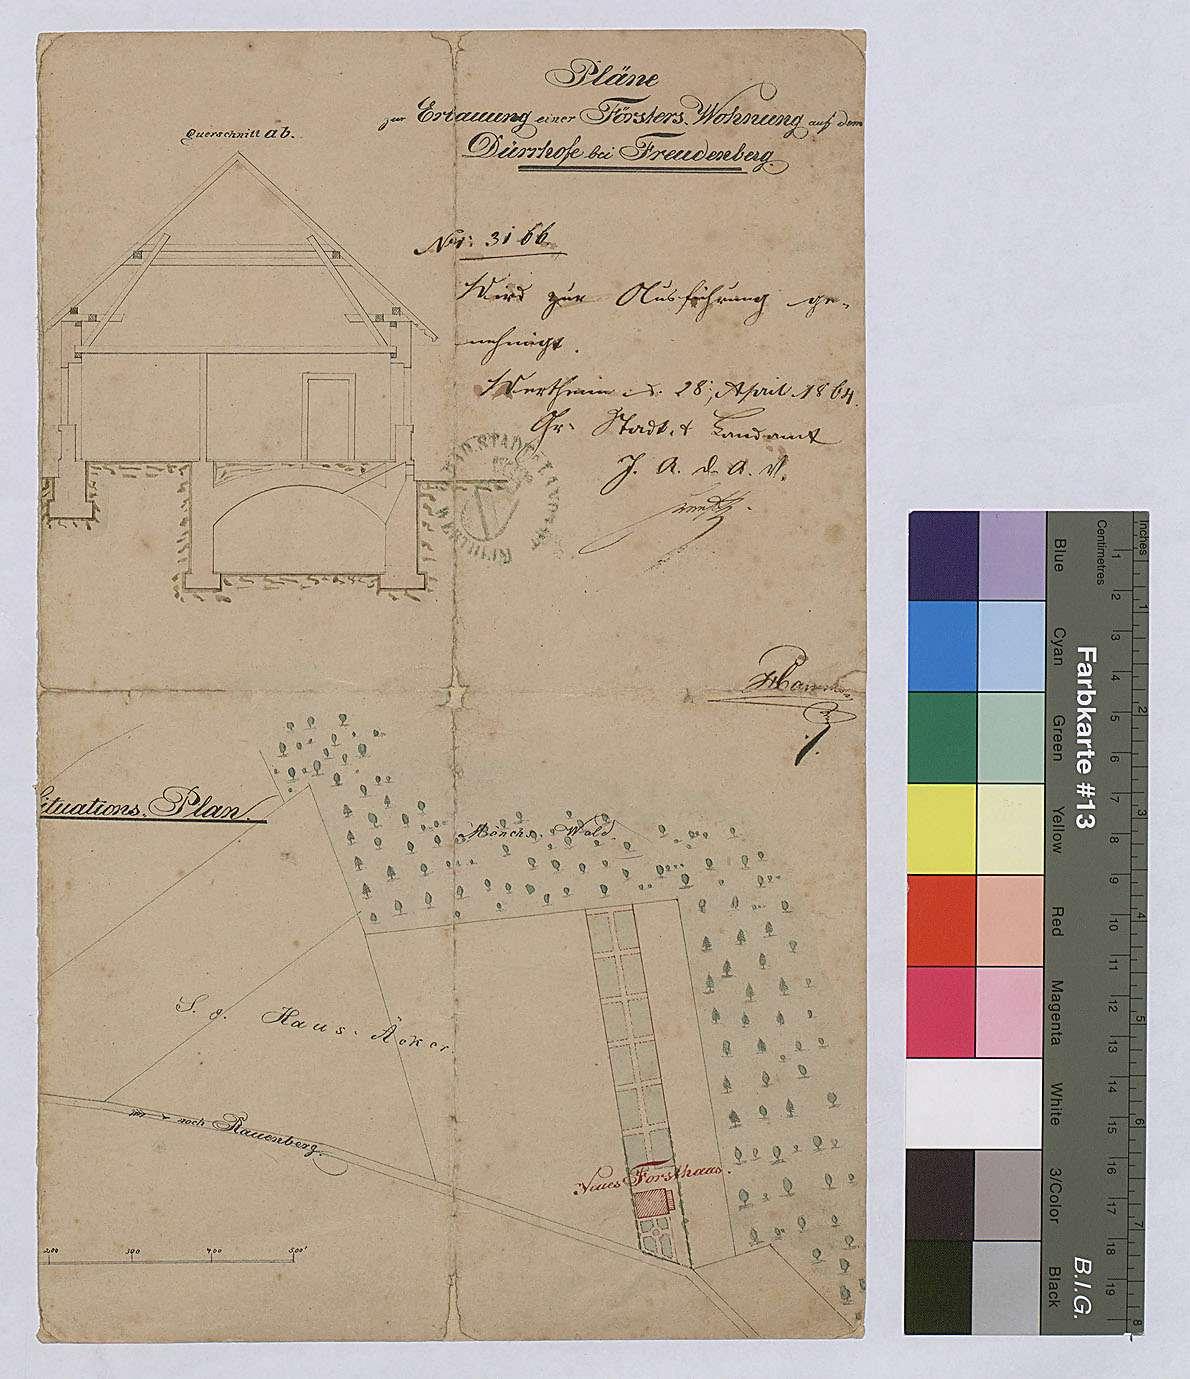 Dürrhof: Pläne zum Bau einer Försterwohnung und Situationsplan, Bild 1